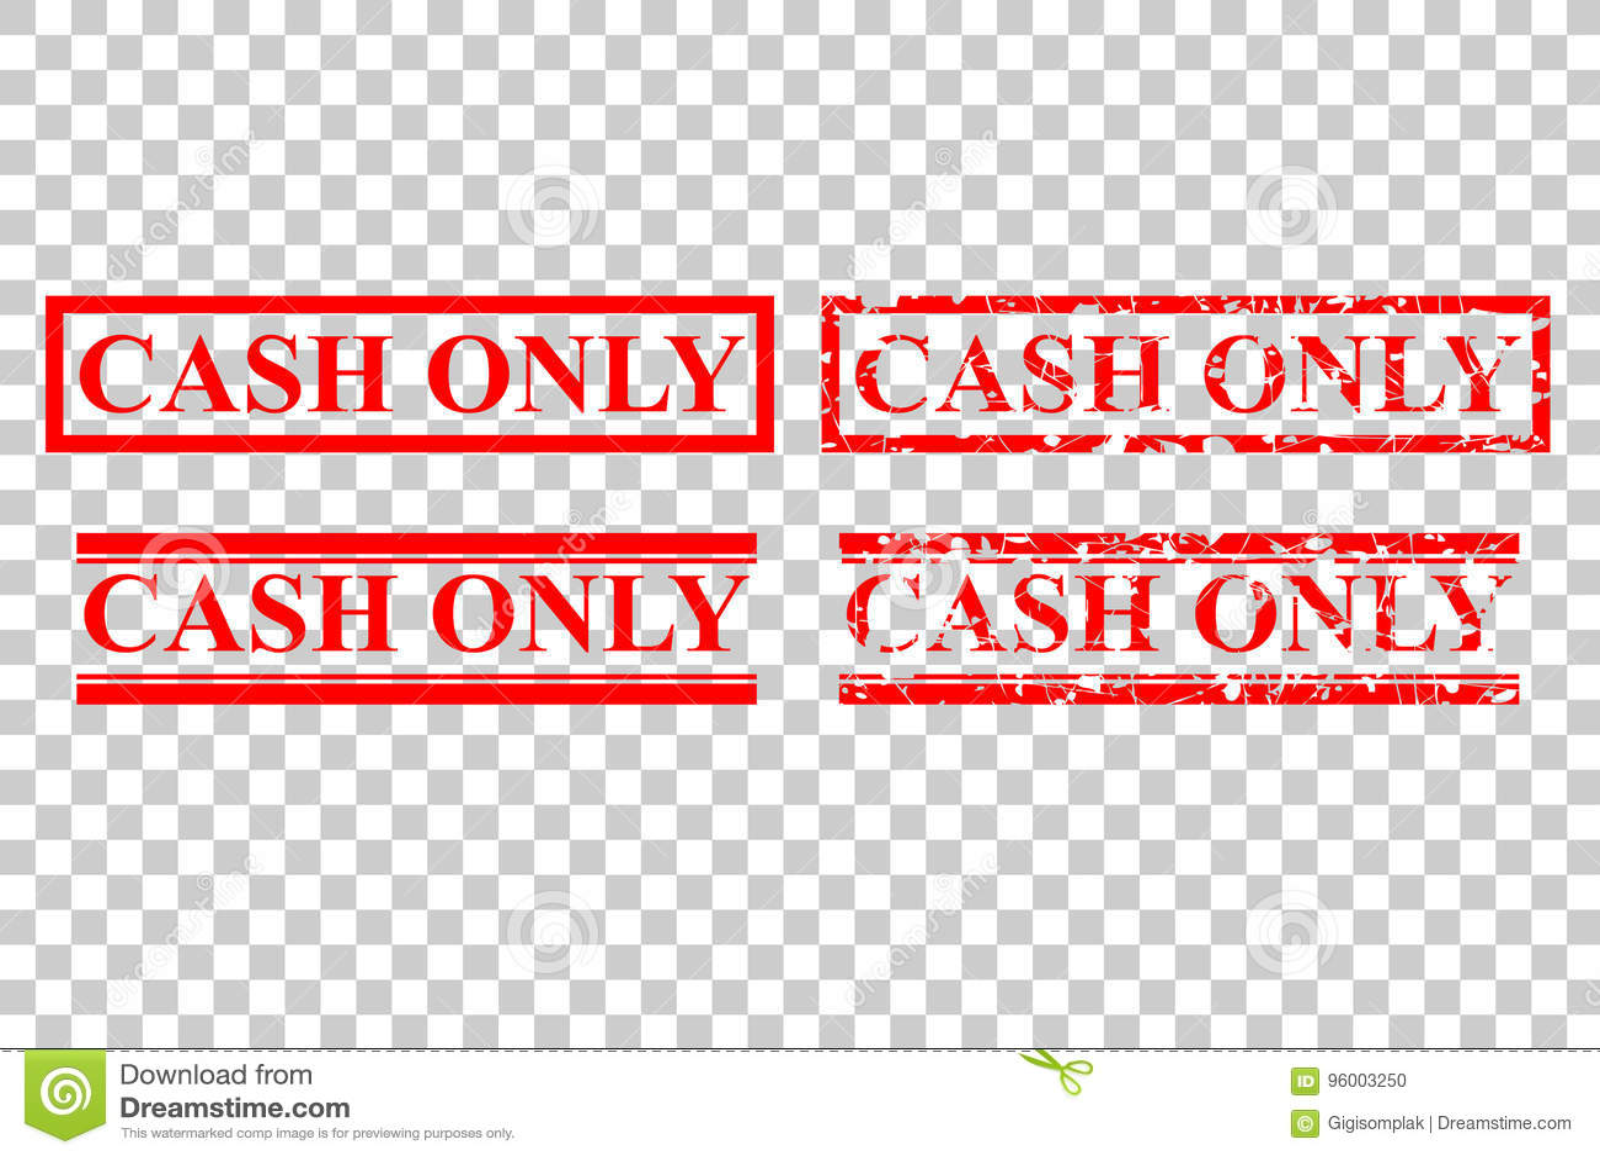 Style quatre de tampon en caoutchouc : Argent liquide seulement, aucun débit ou carte de crédit, au fond transparent d effet